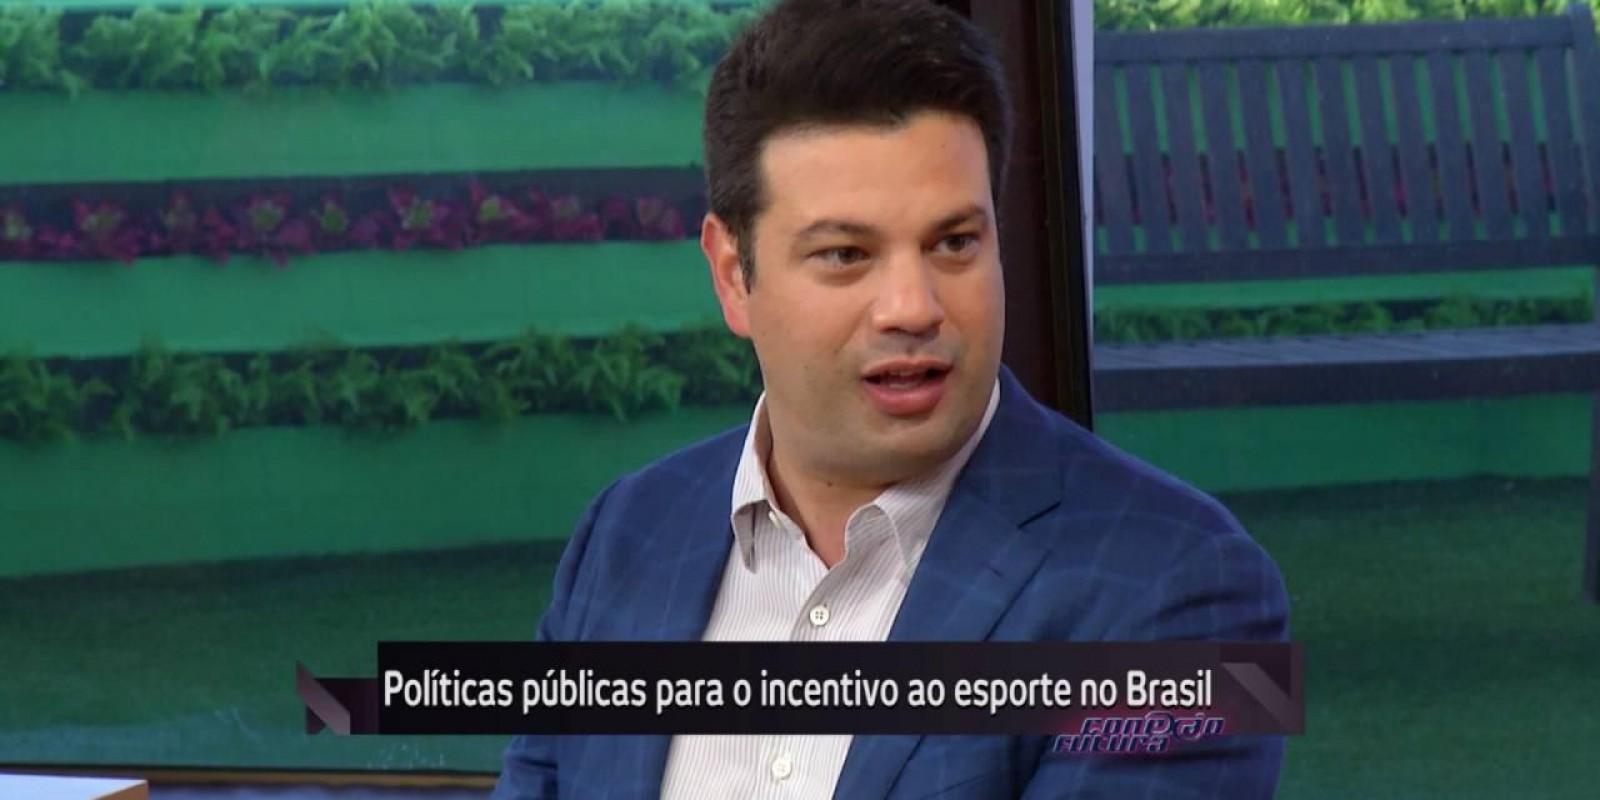 Políticas públicas para o esporte - Conexão Futura